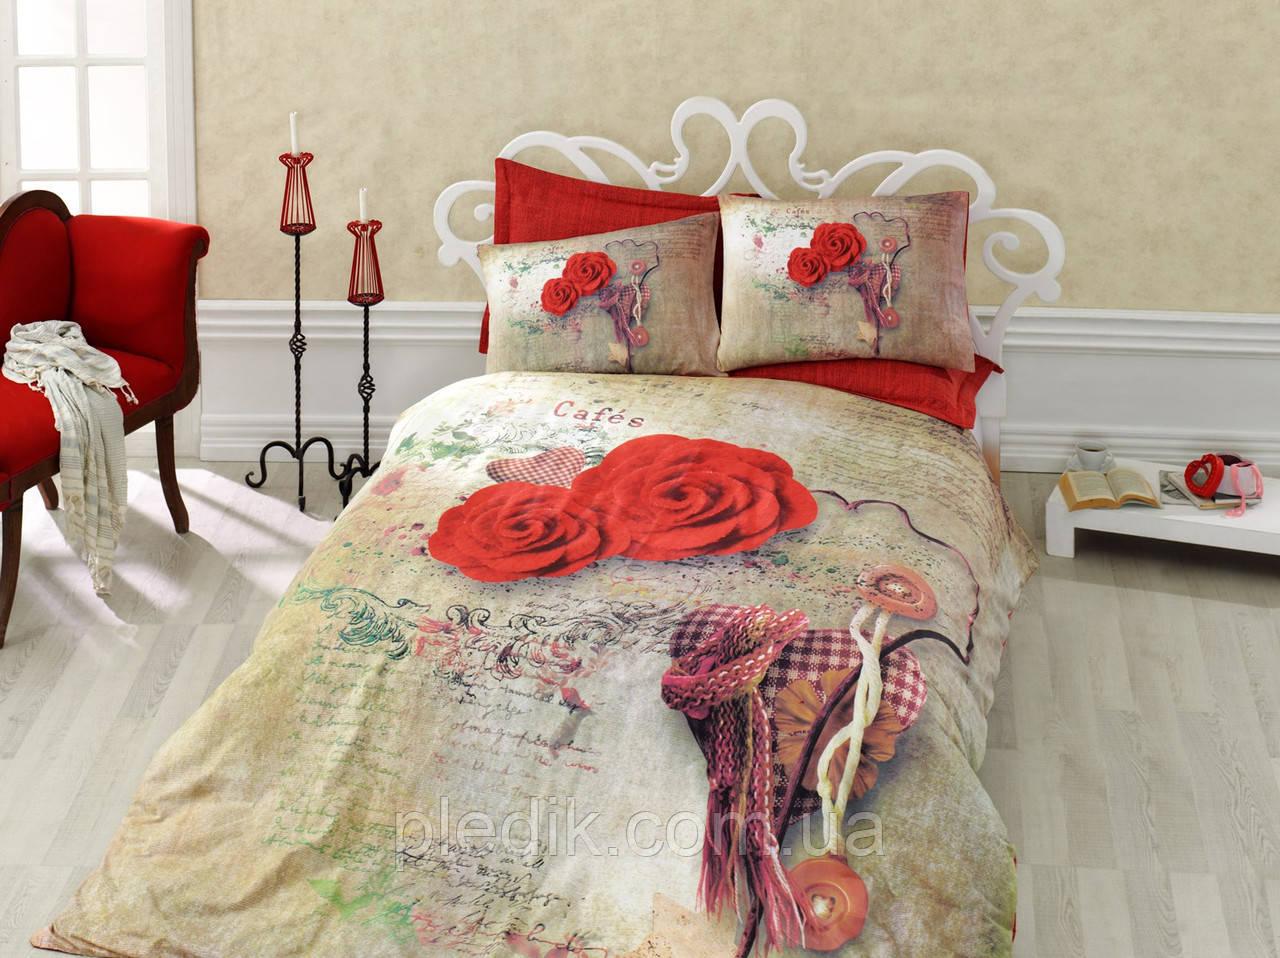 Двуспальное постельное белье 200х220 Cotton box 3D Ранфорс GRETA KIRMIZI, красные розы.